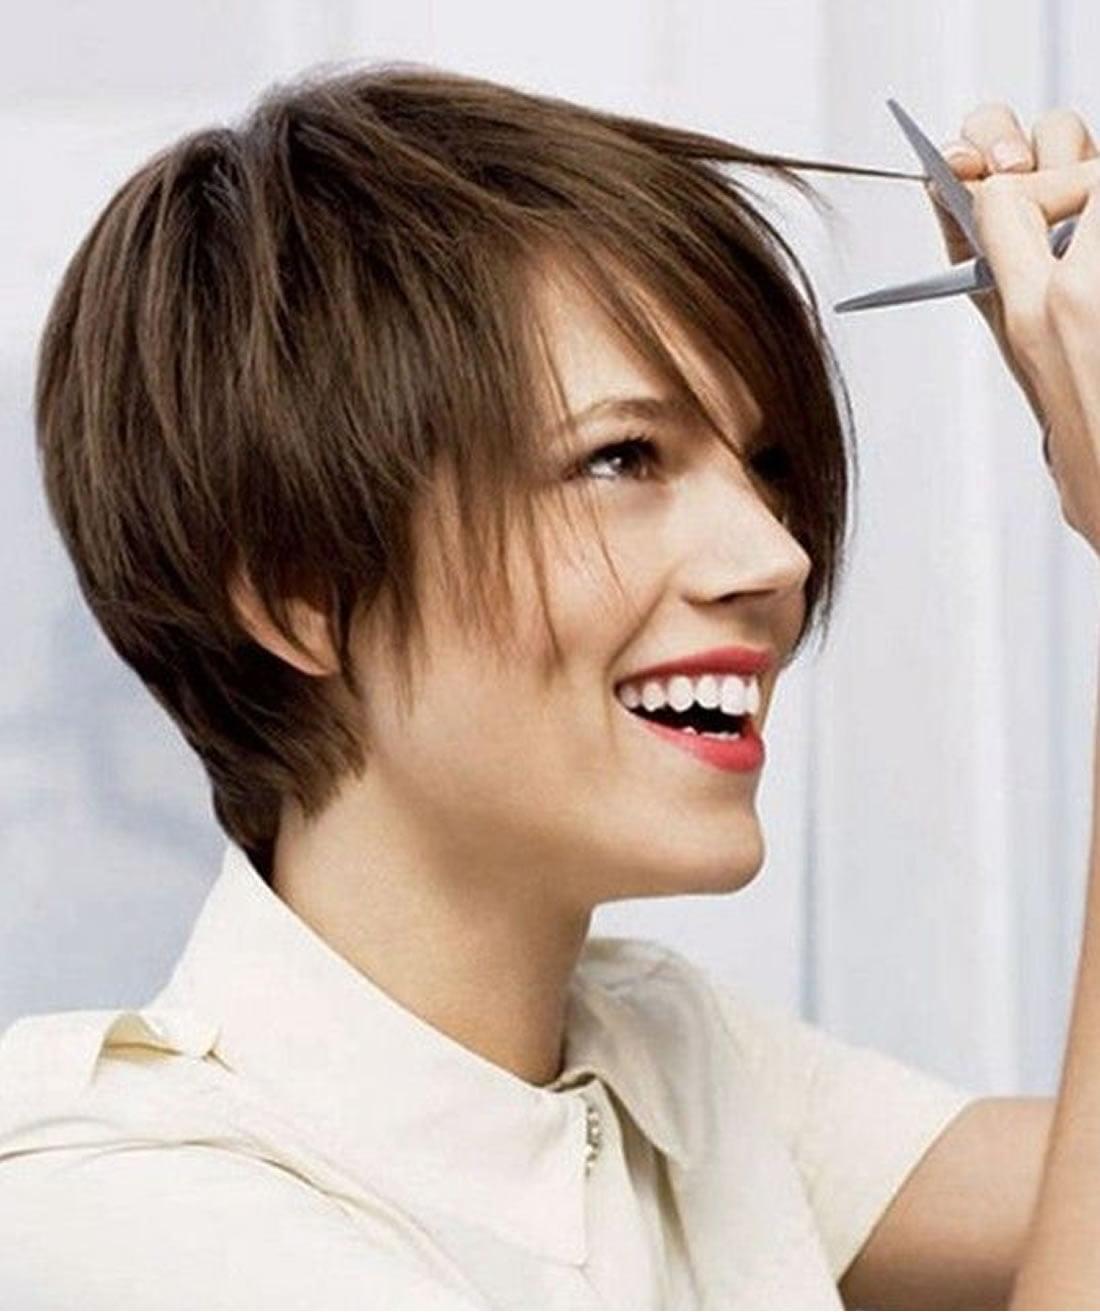 short haircut for female 2018 – trend best 17 short haircut ideas